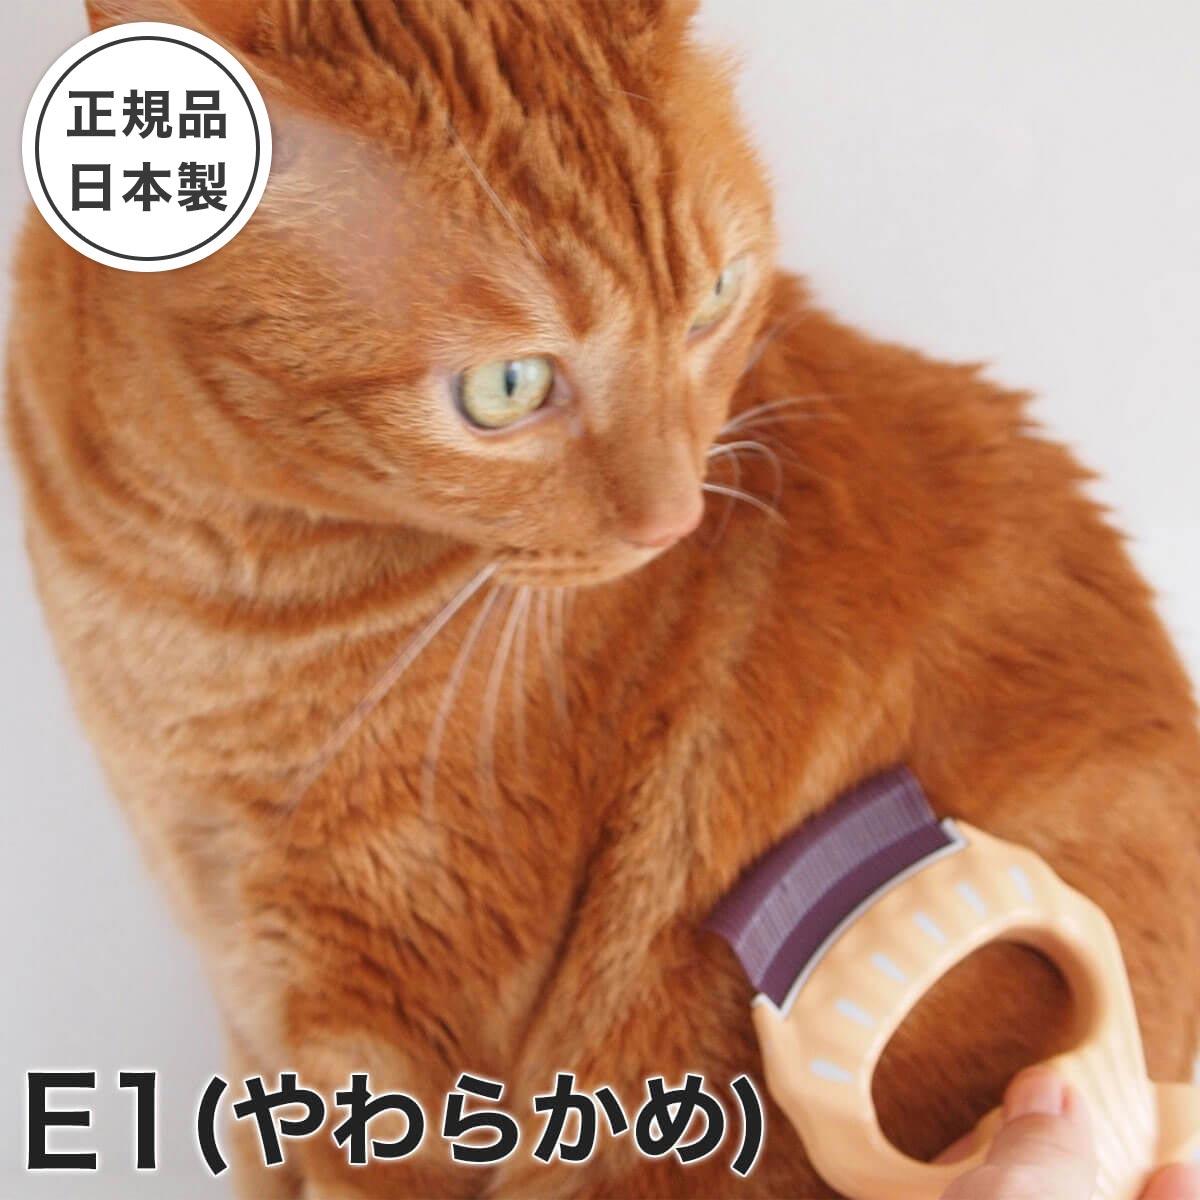 賜物 ブラシ嫌がる猫さんにおすすめ 優しく無駄毛を取るグッズで喉ごろごろコミュニケーション グルーミング 猫 ピロコーム やわらかめ ブラシ E1 爆買いセール